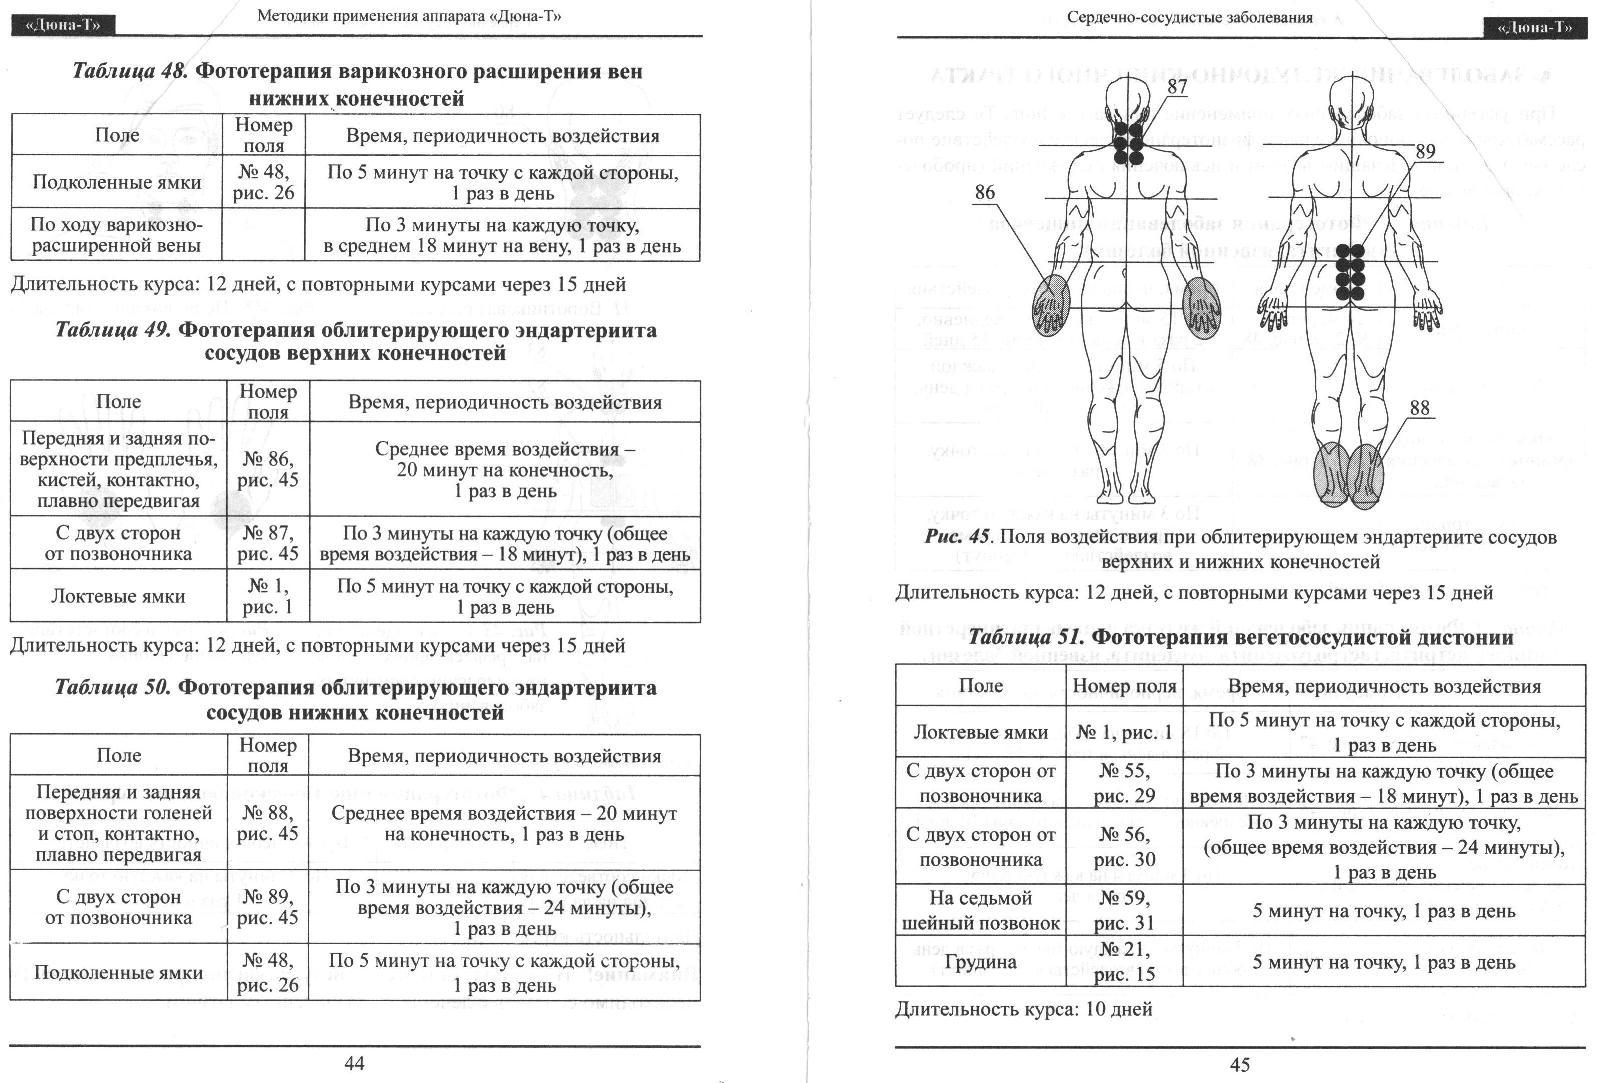 Дюна-м аппарат фототерапии инструкция